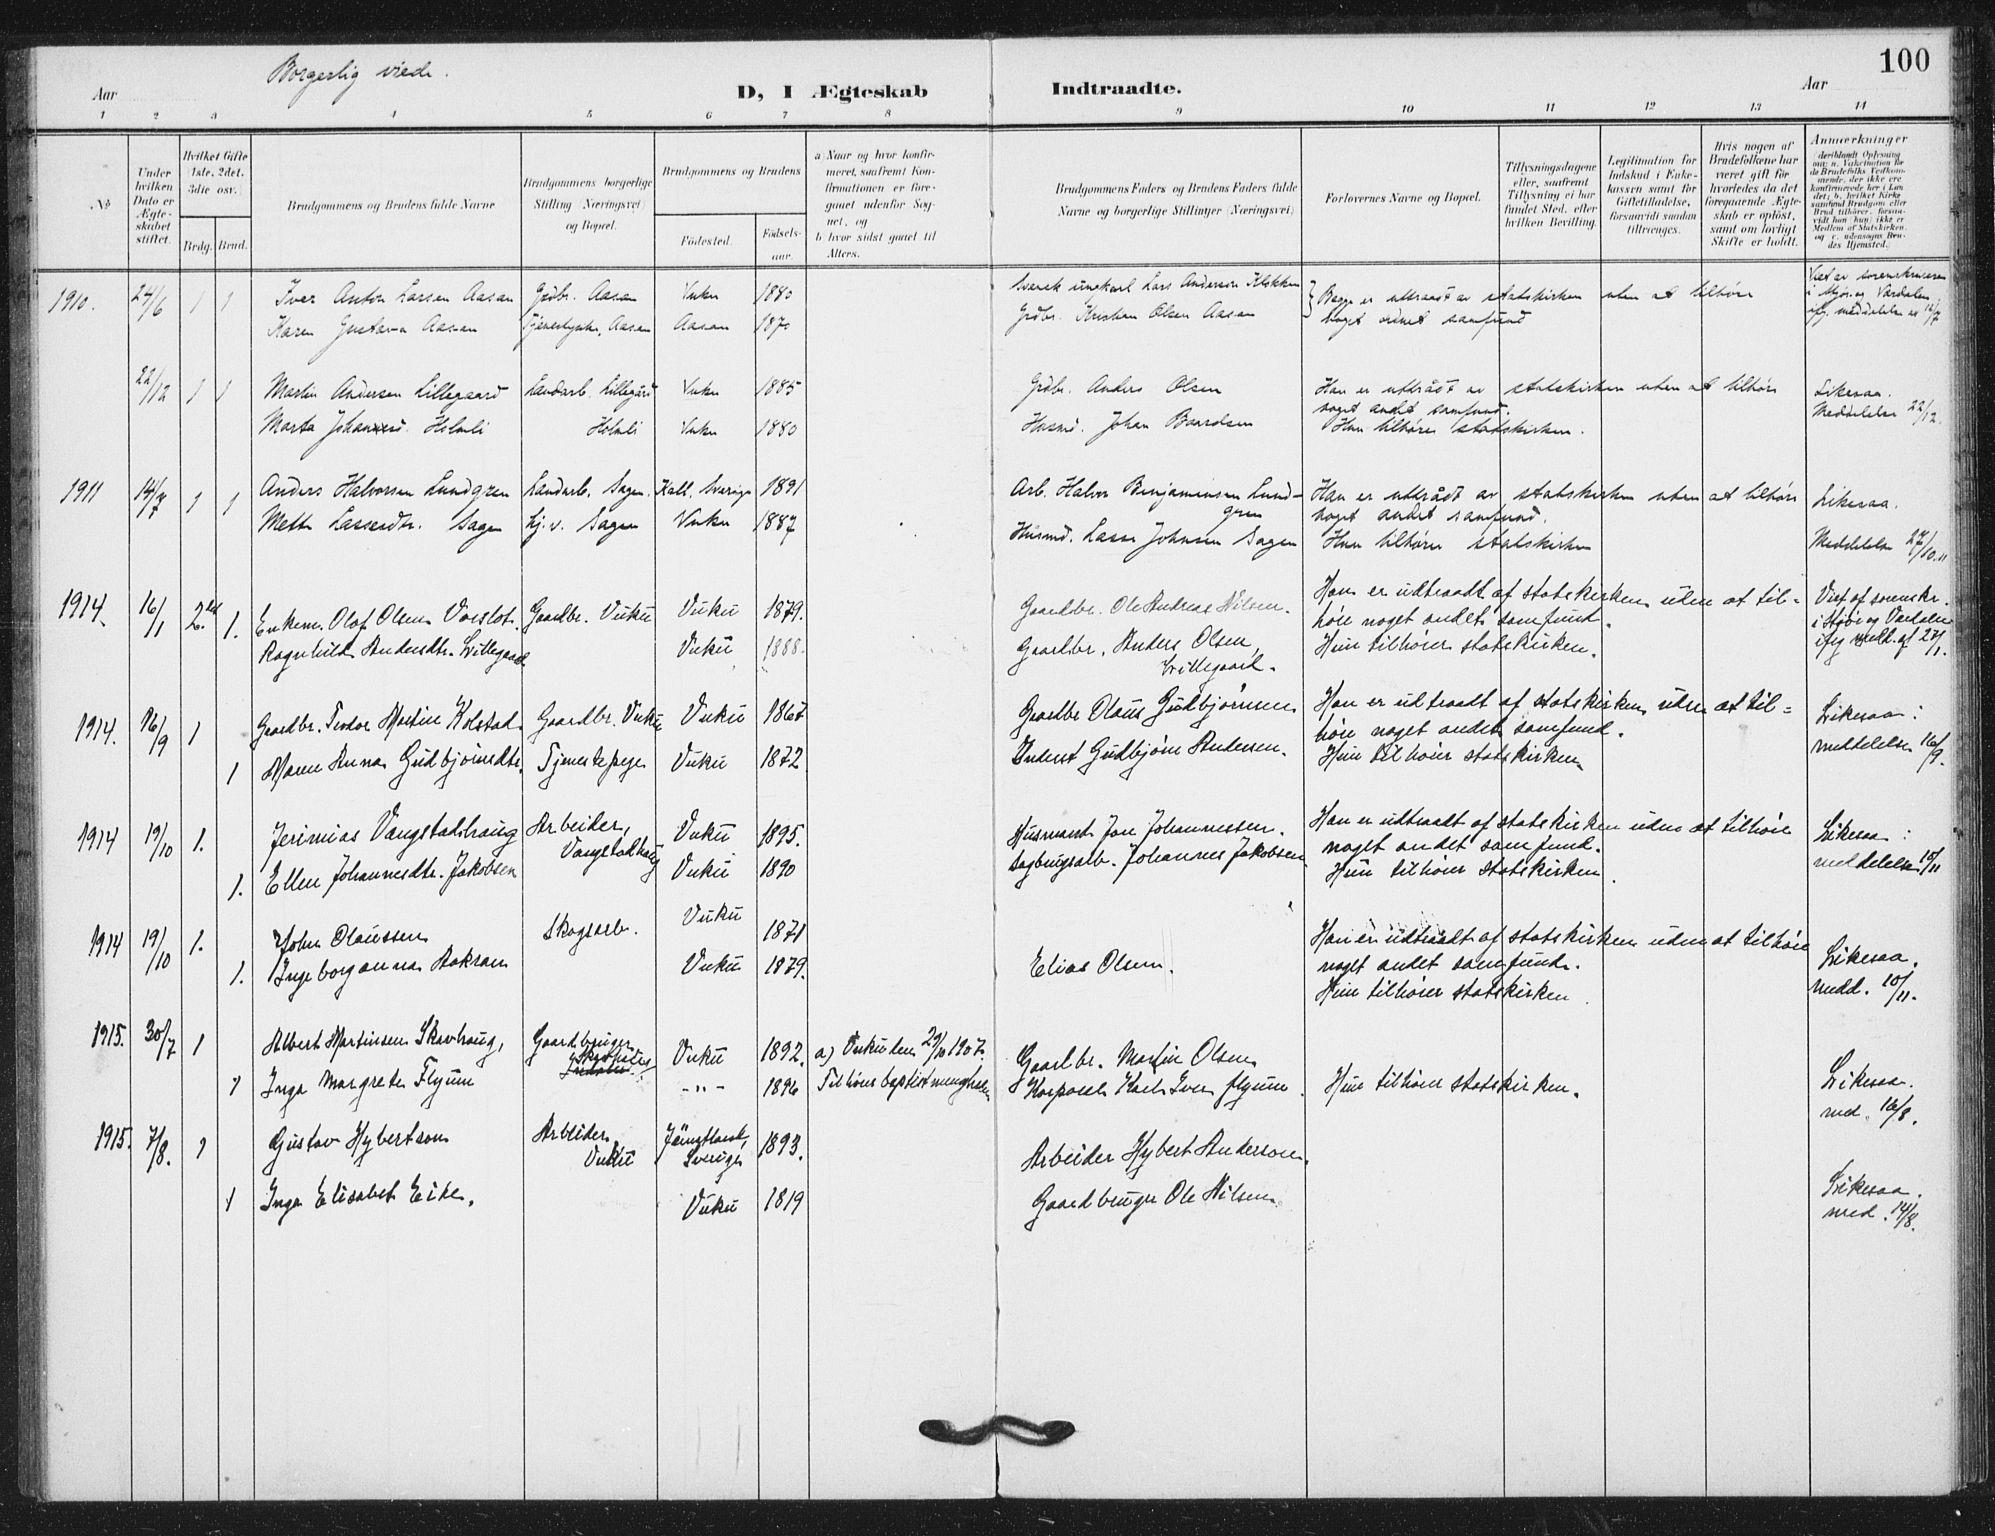 SAT, Ministerialprotokoller, klokkerbøker og fødselsregistre - Nord-Trøndelag, 724/L0264: Ministerialbok nr. 724A02, 1908-1915, s. 100